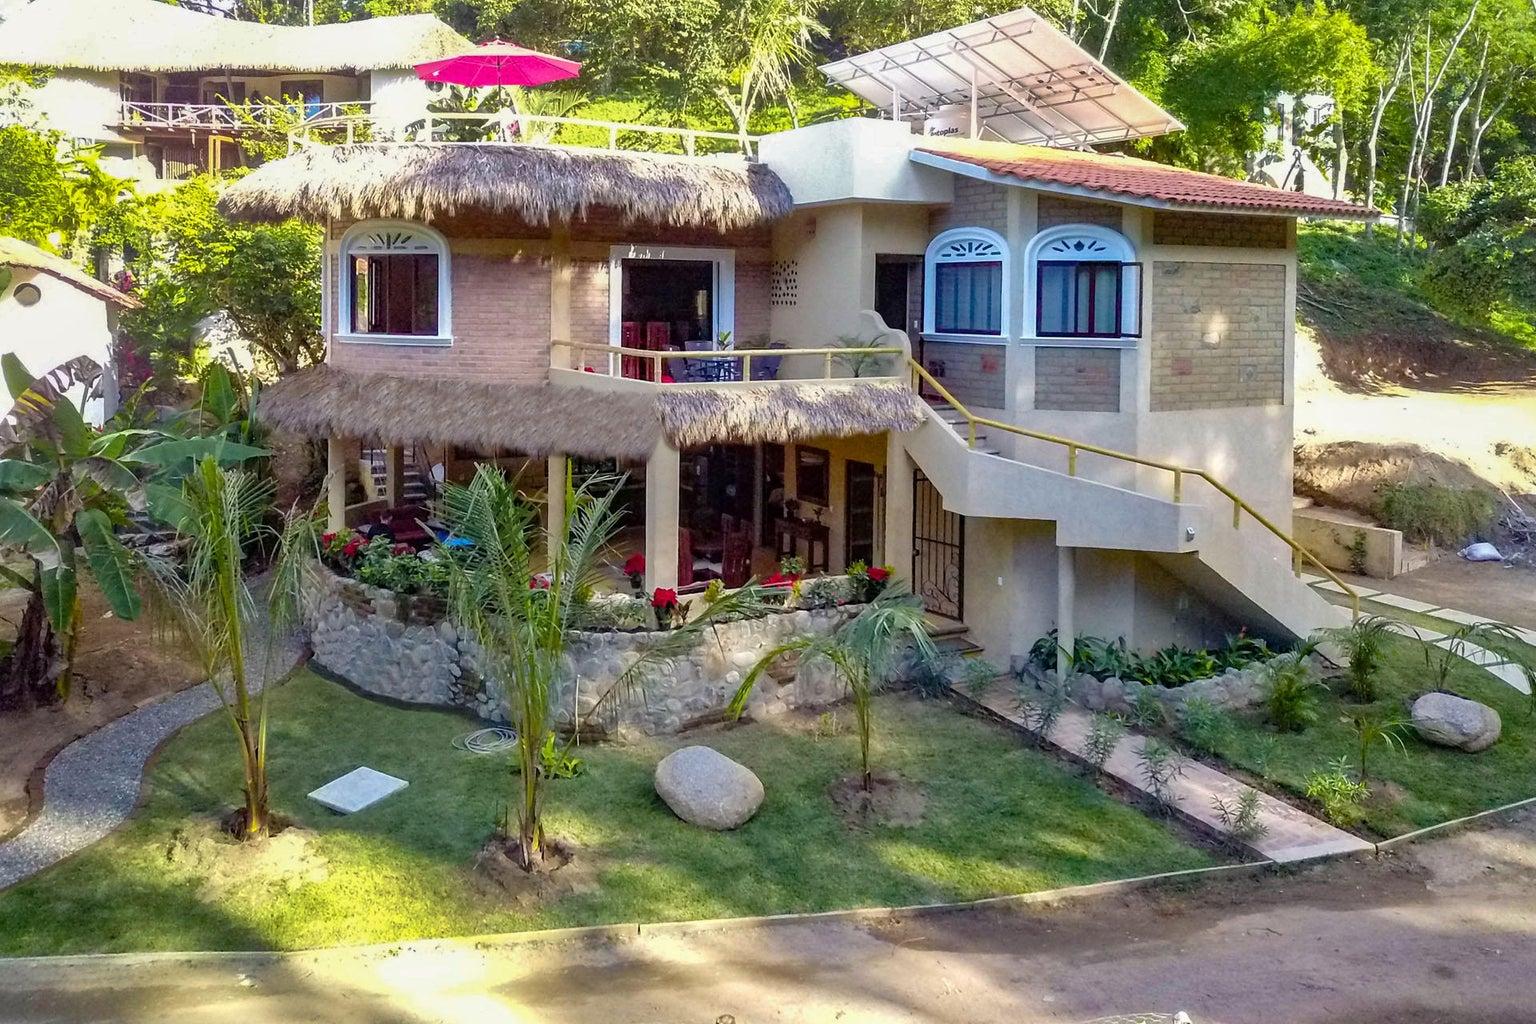 Casa Dave - Tierraluz Eco Community